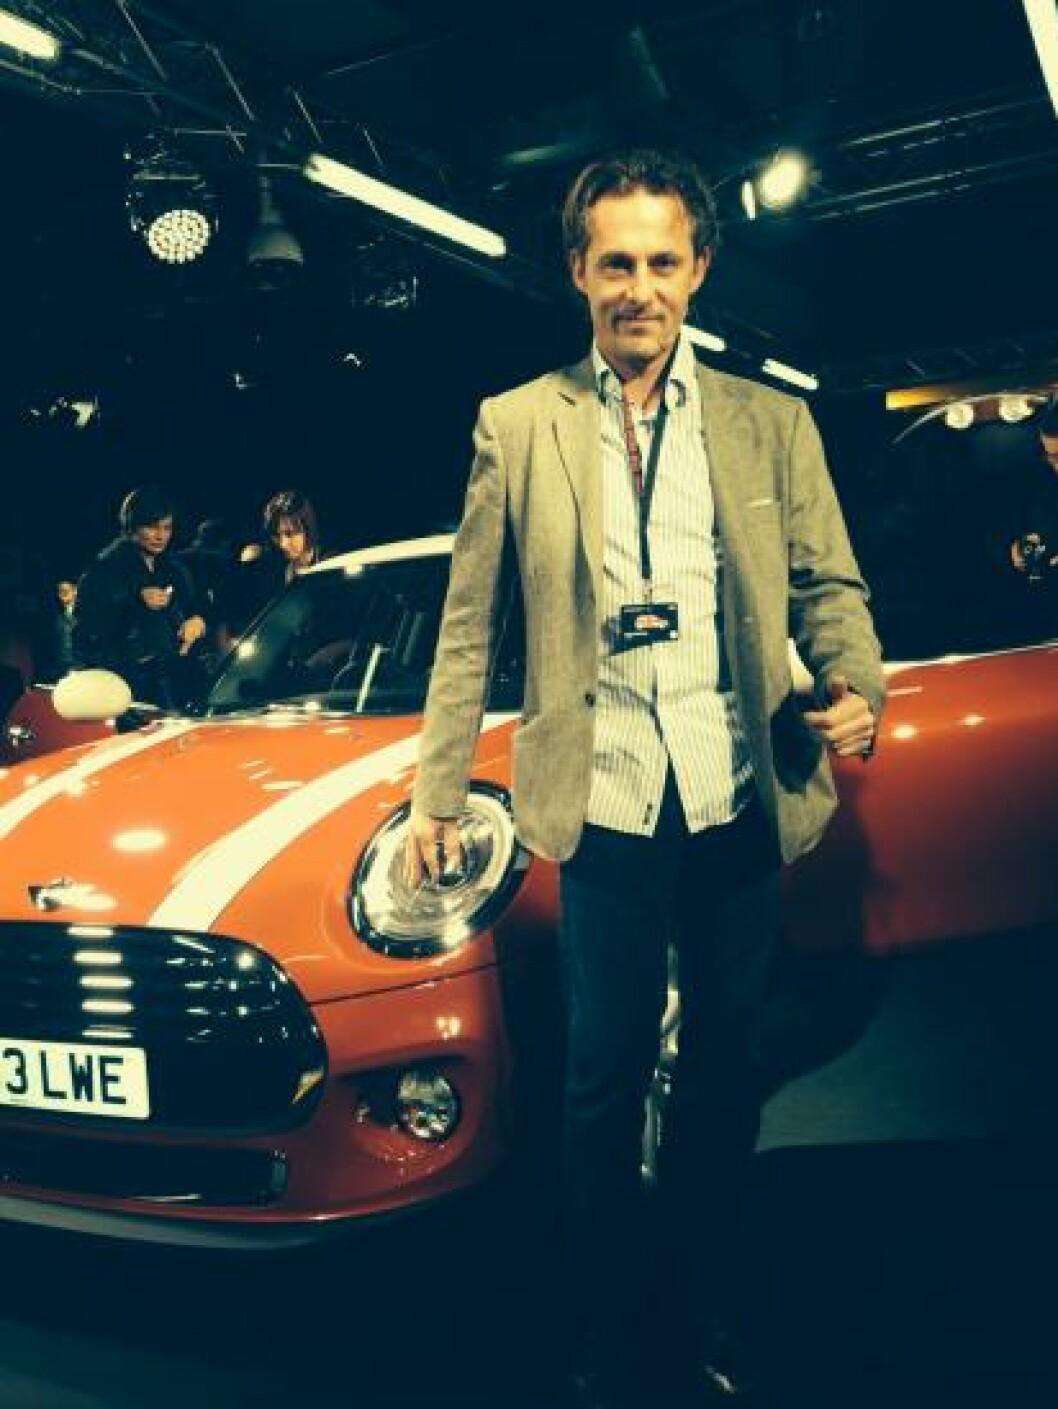 <strong>MINI-LANSERING:</strong> Motor-redaktør Espen Stensrud dekket Mini-lanseringen i Oxford.  Foto: AUTOFIL